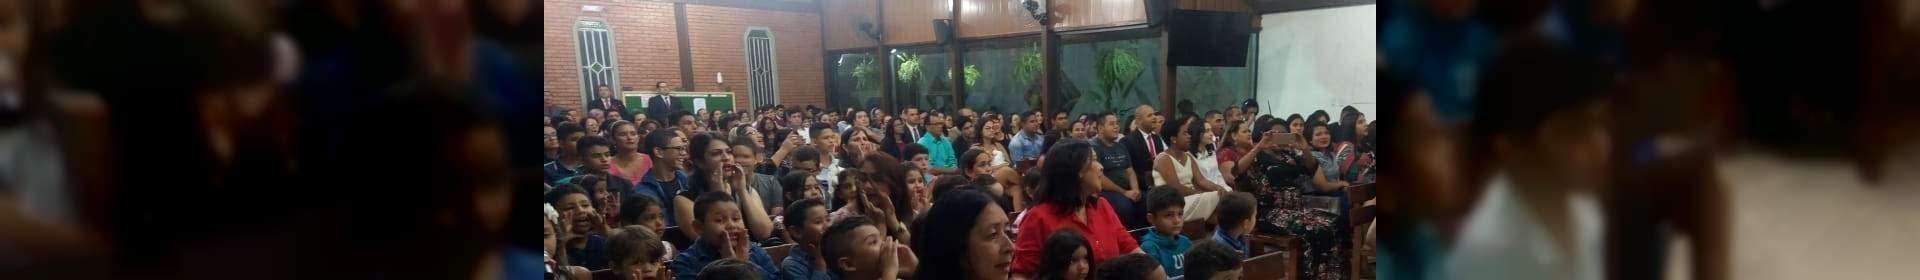 Igreja Cristã Maranata em Manoa, Manaus, completa 12 anos